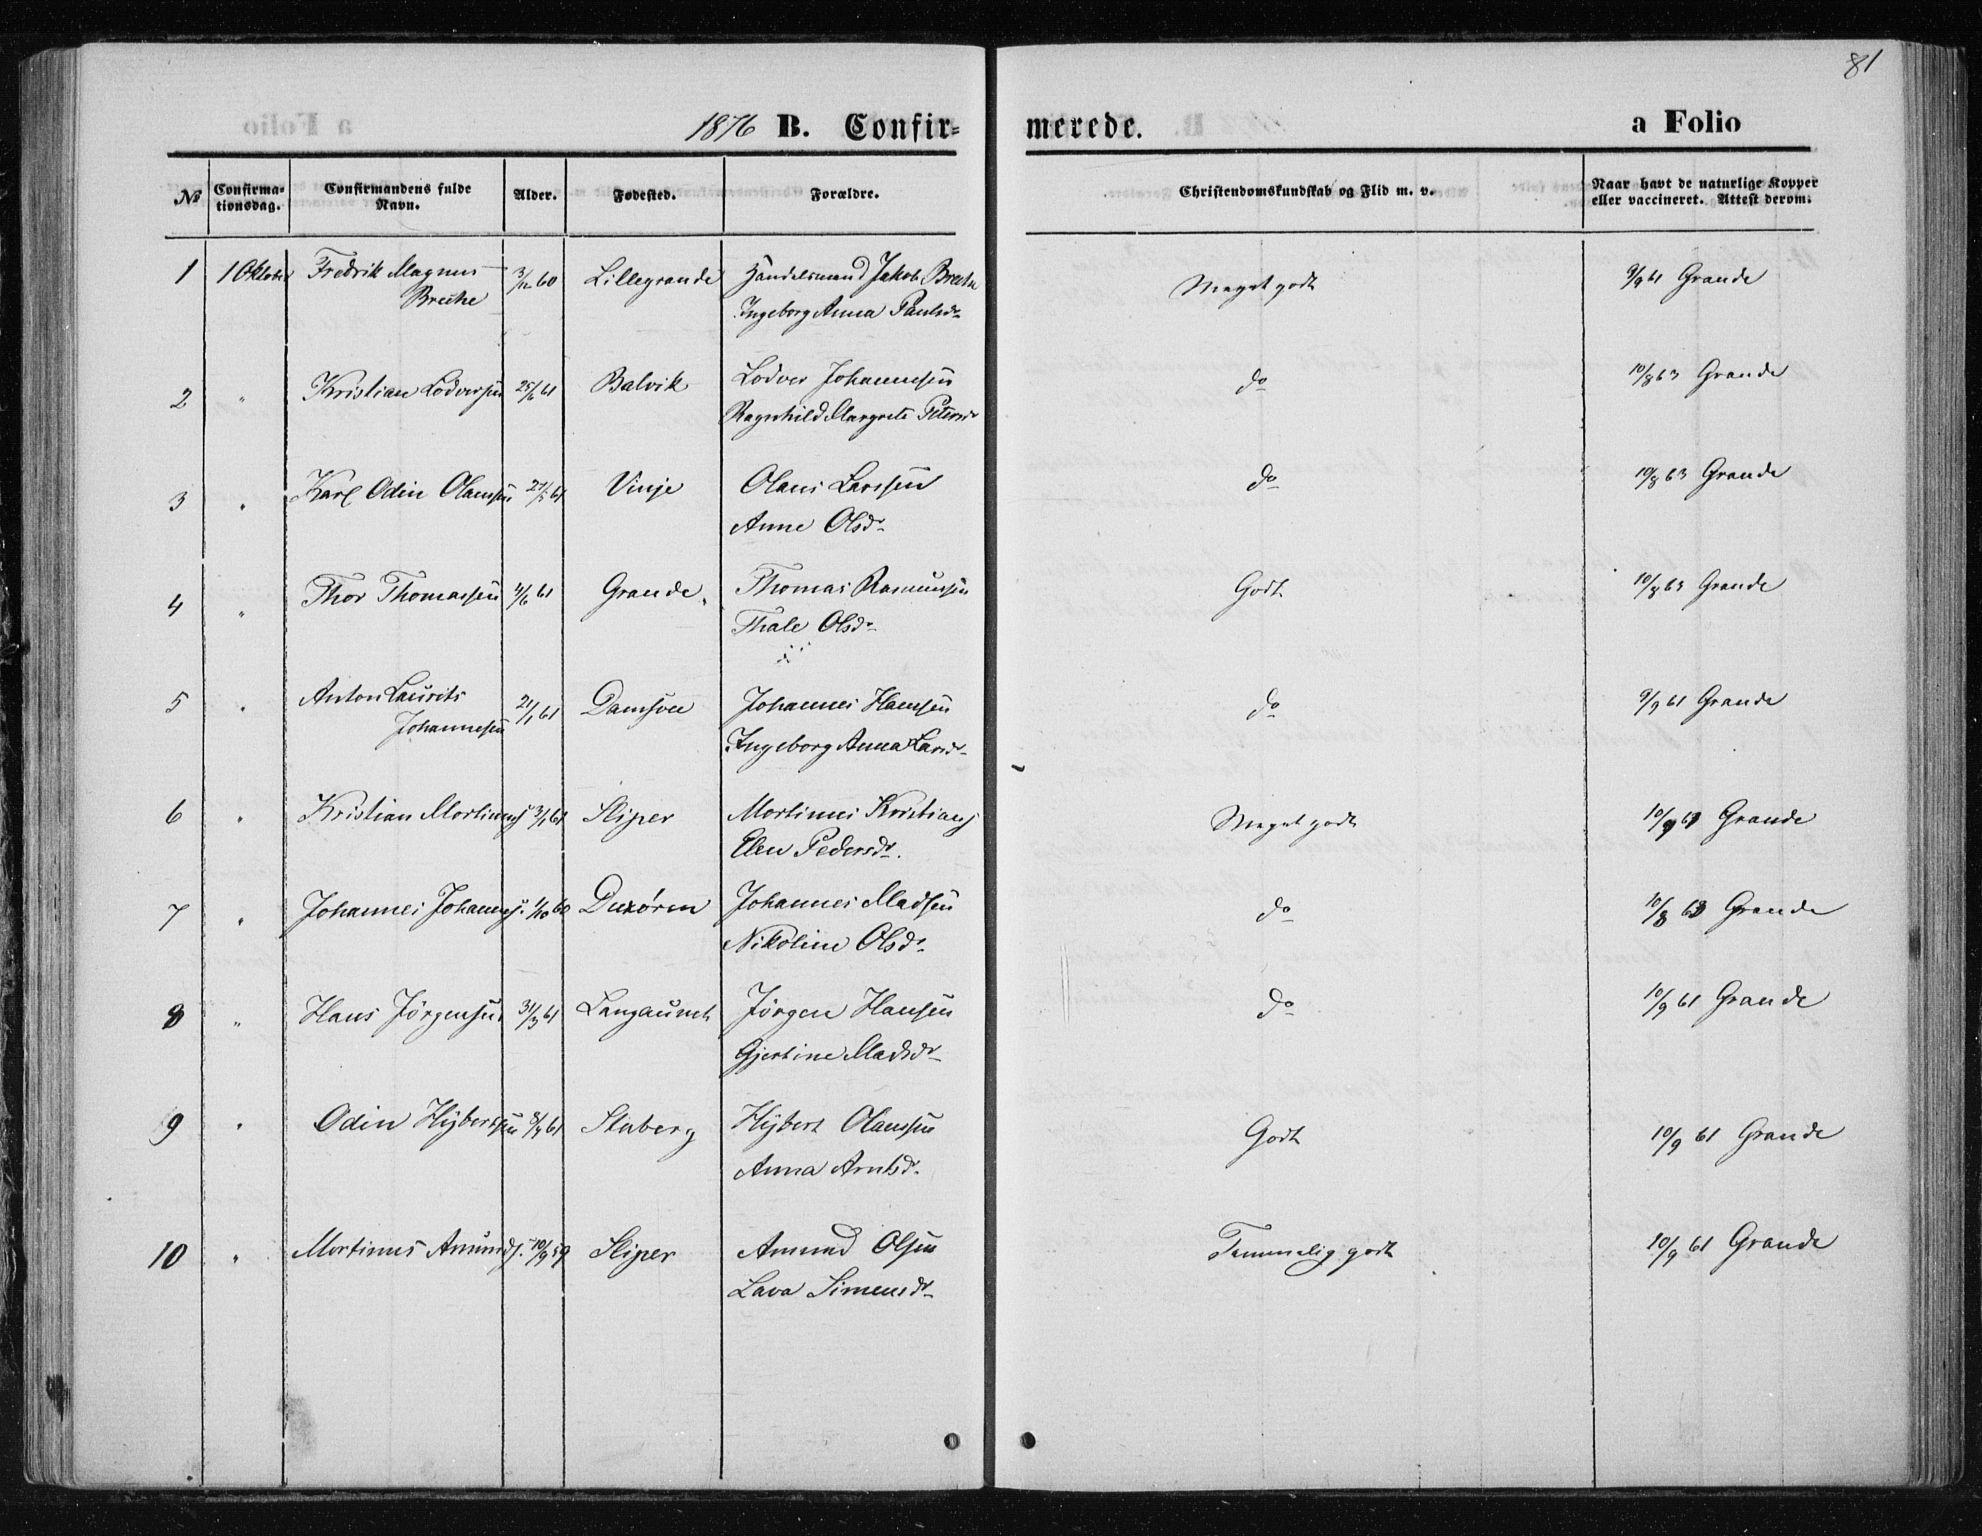 SAT, Ministerialprotokoller, klokkerbøker og fødselsregistre - Nord-Trøndelag, 733/L0324: Ministerialbok nr. 733A03, 1870-1883, s. 81